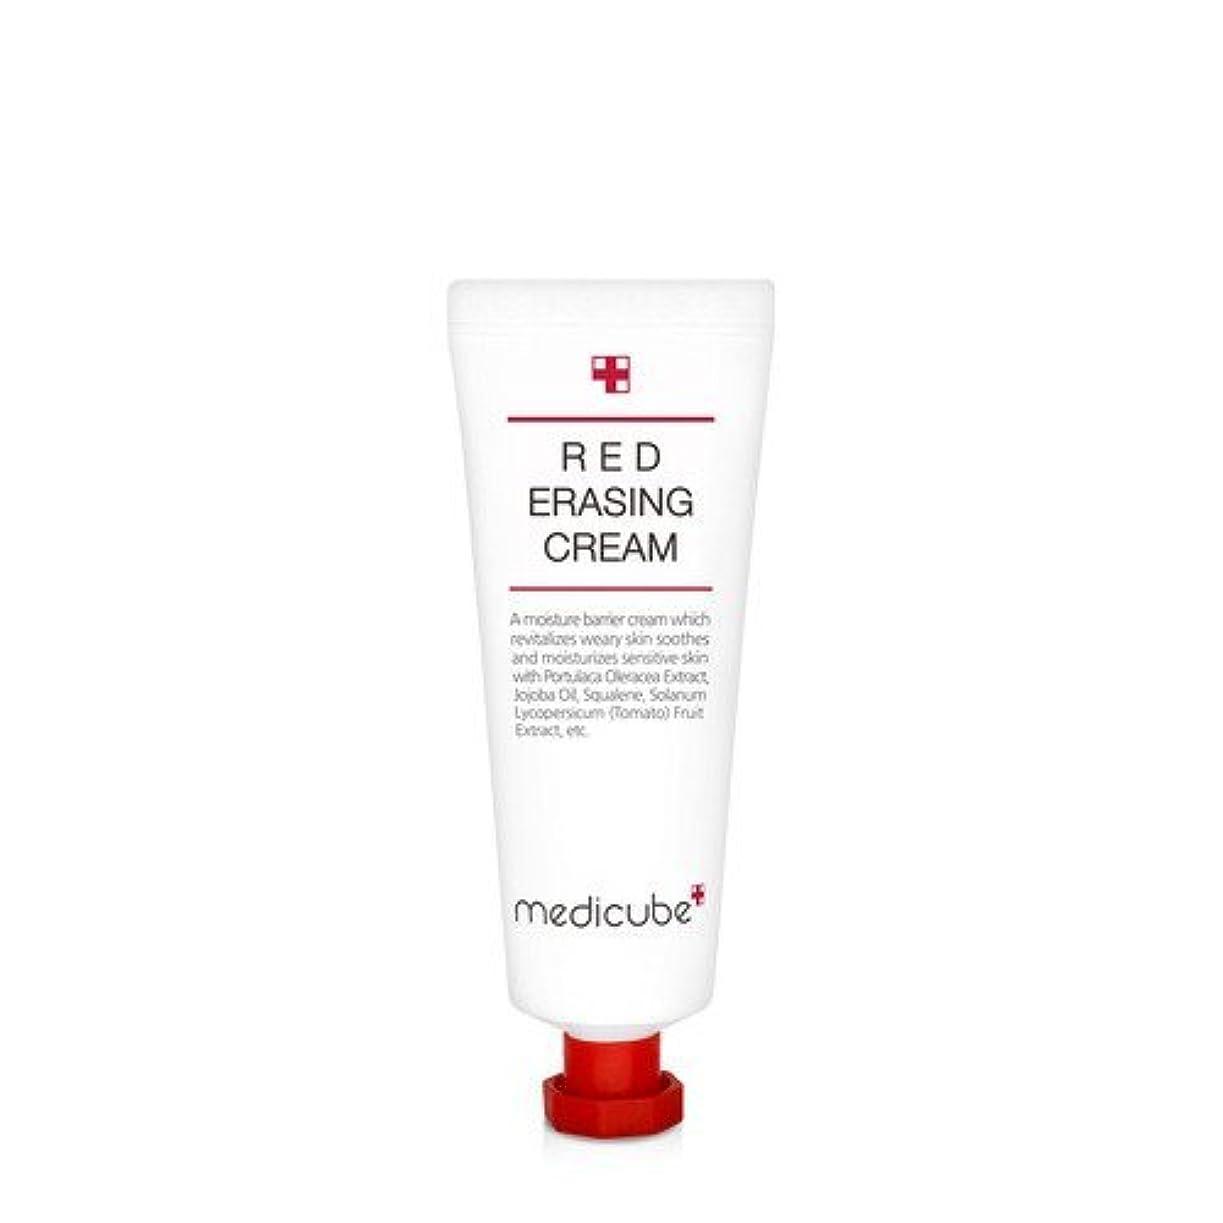 試みるサラダスポンサー[Medicube]Red Erasing Cream 50g / メディキューブレッドイレイジングクリーム / 正品?海外直送商品 [並行輸入品]